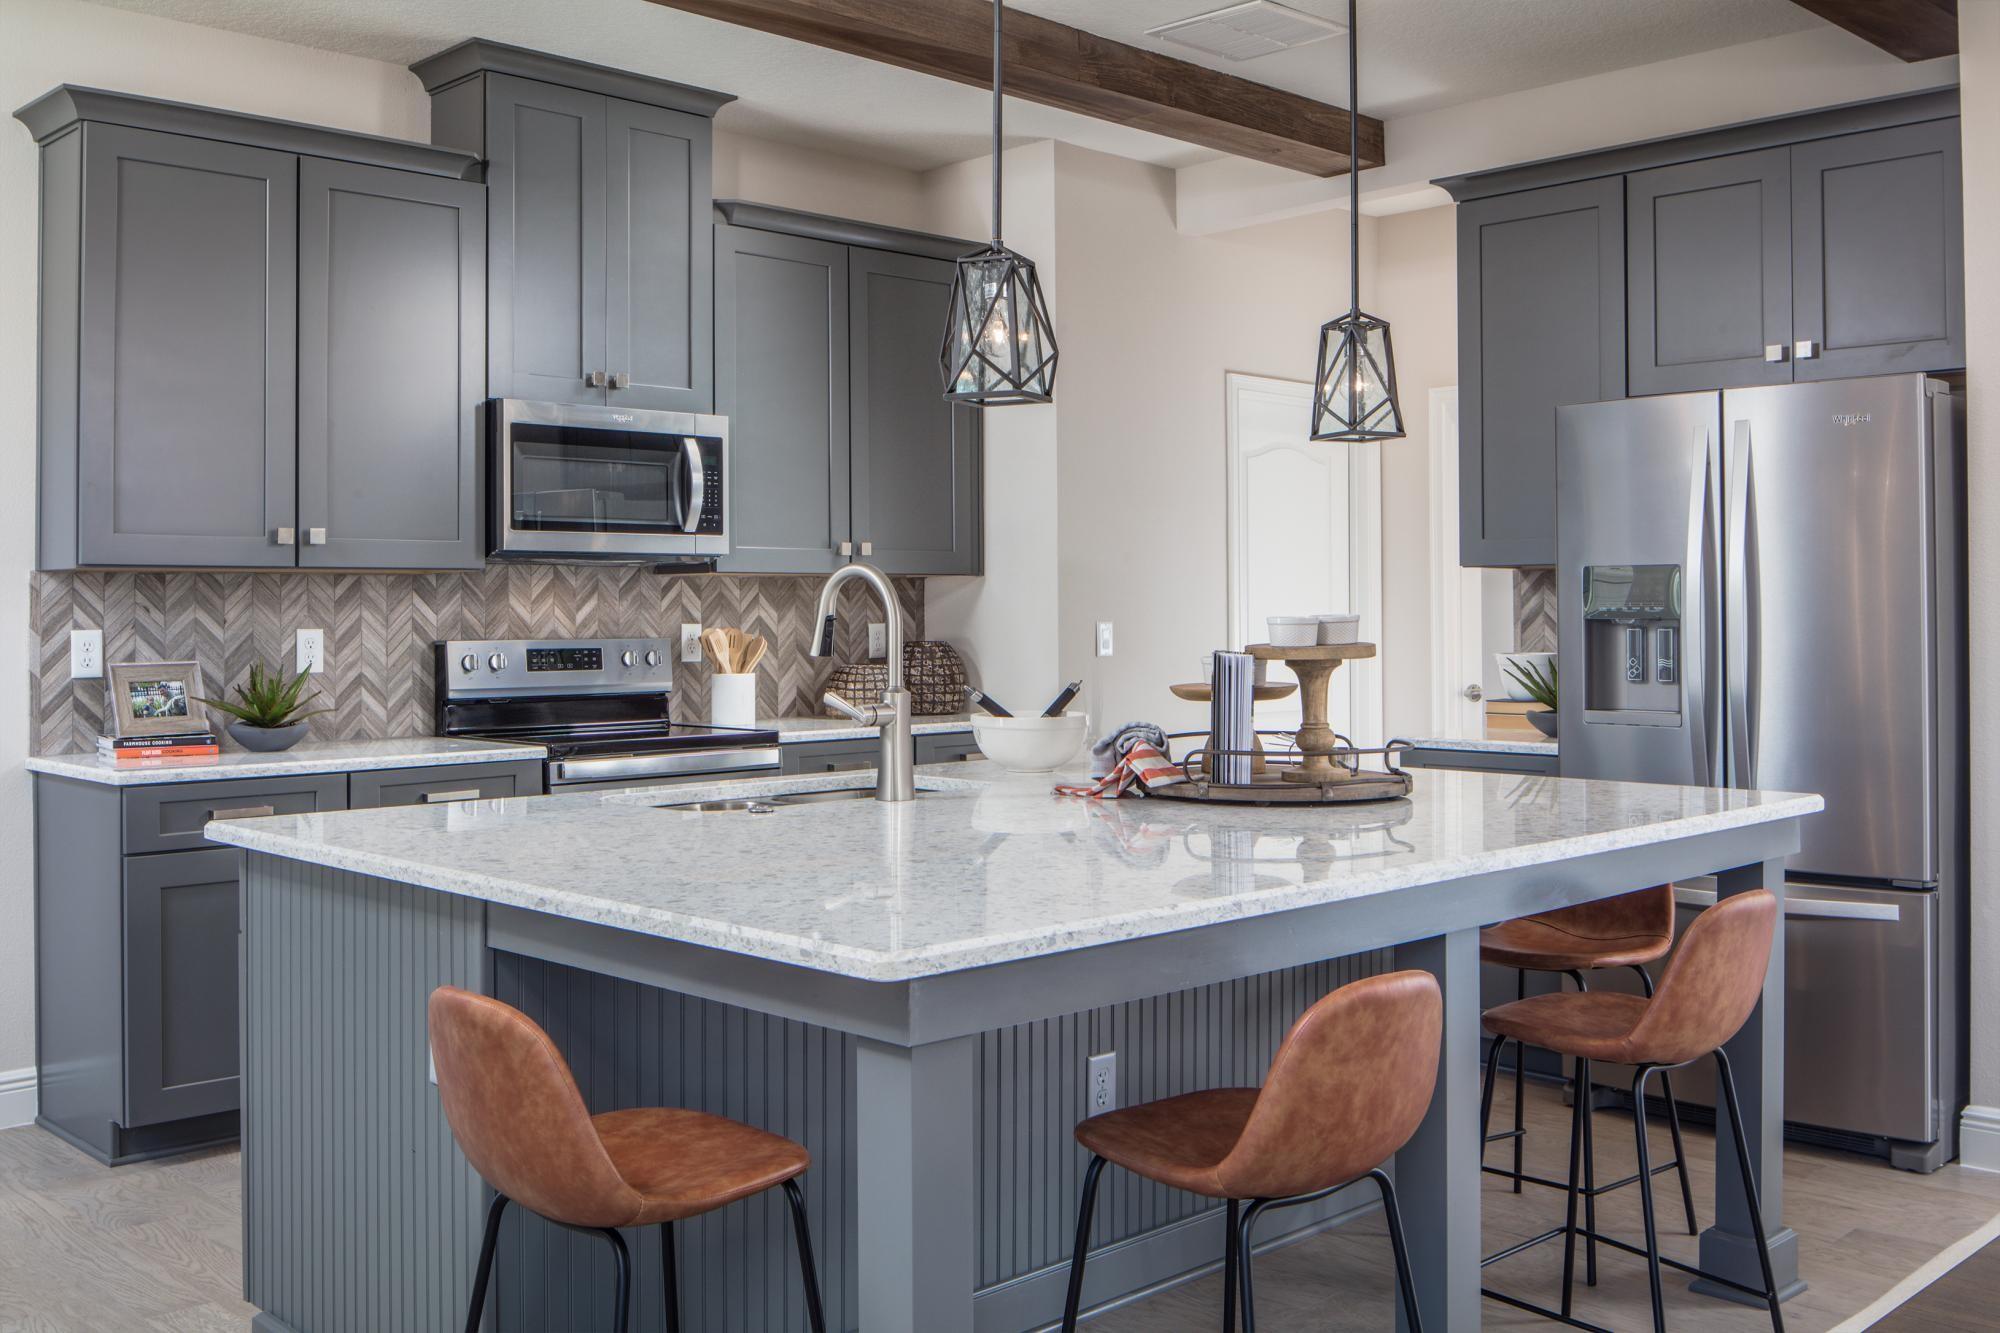 676670550834387_lucerne-kitchen.jpg